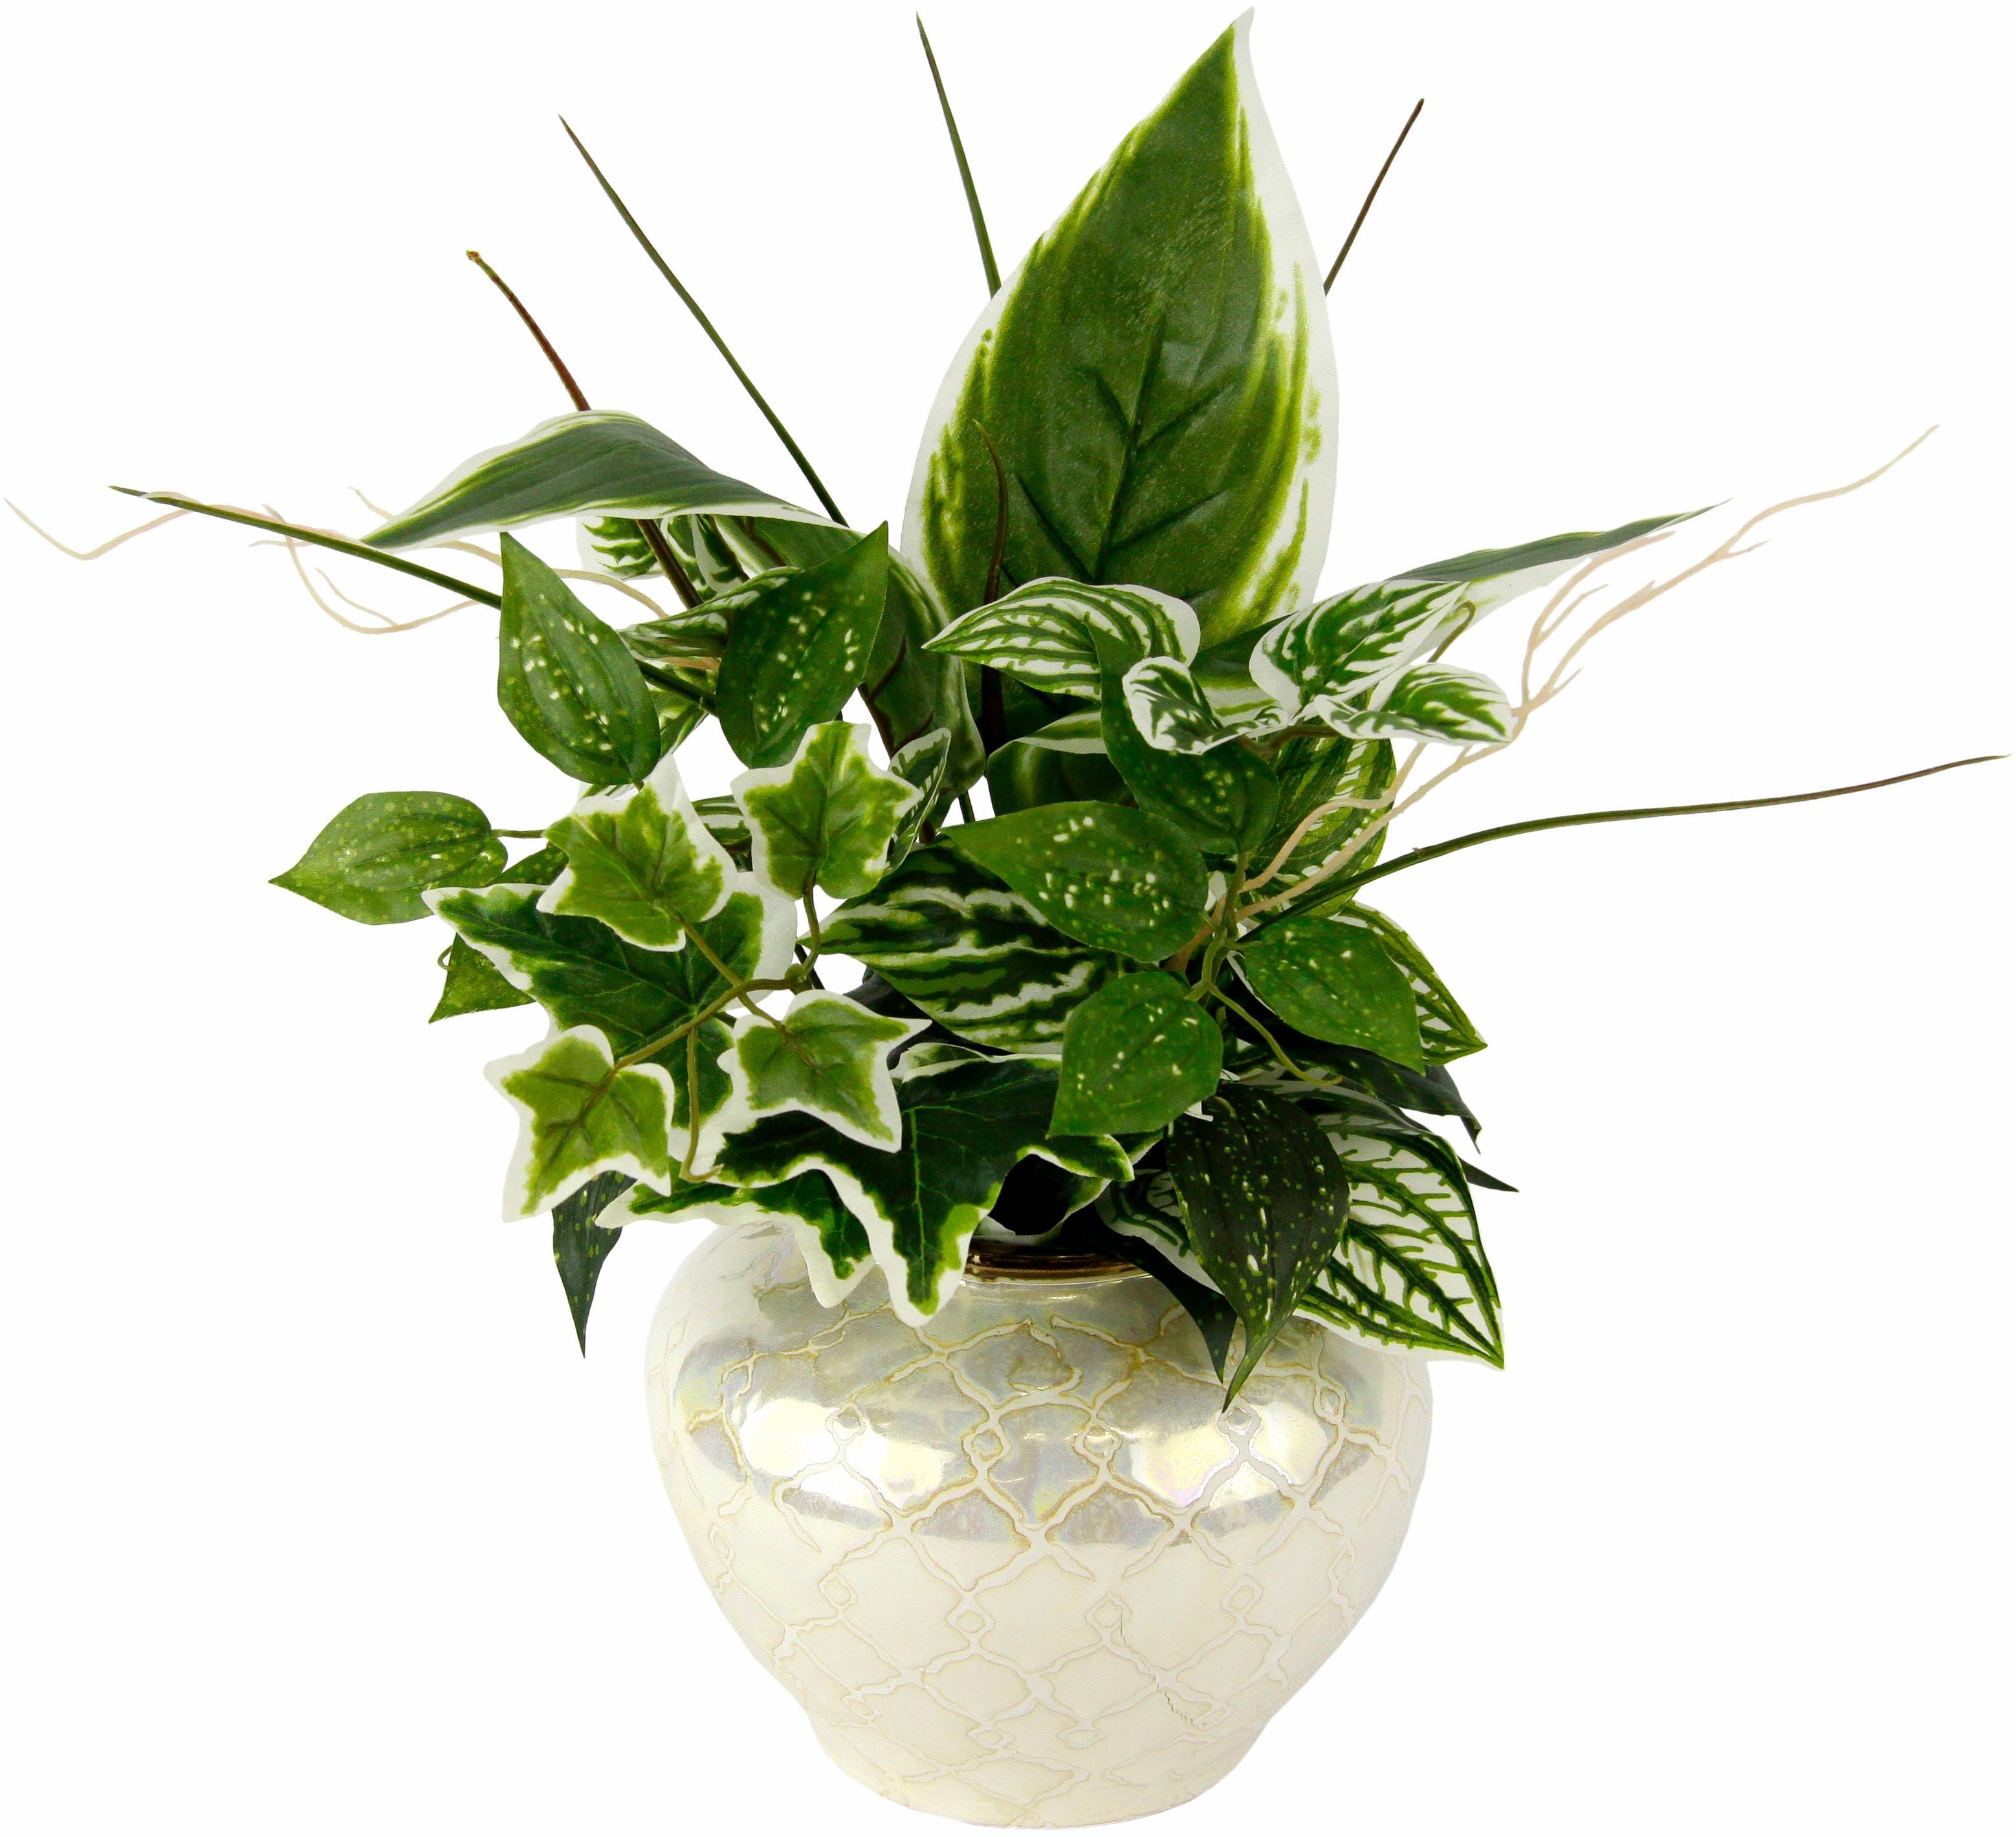 Kunstpflanze Mixed-Hostabusch in Vase Technik & Freizeit/Heimwerken & Garten/Garten & Balkon/Pflanzen/Zimmerpflanzen